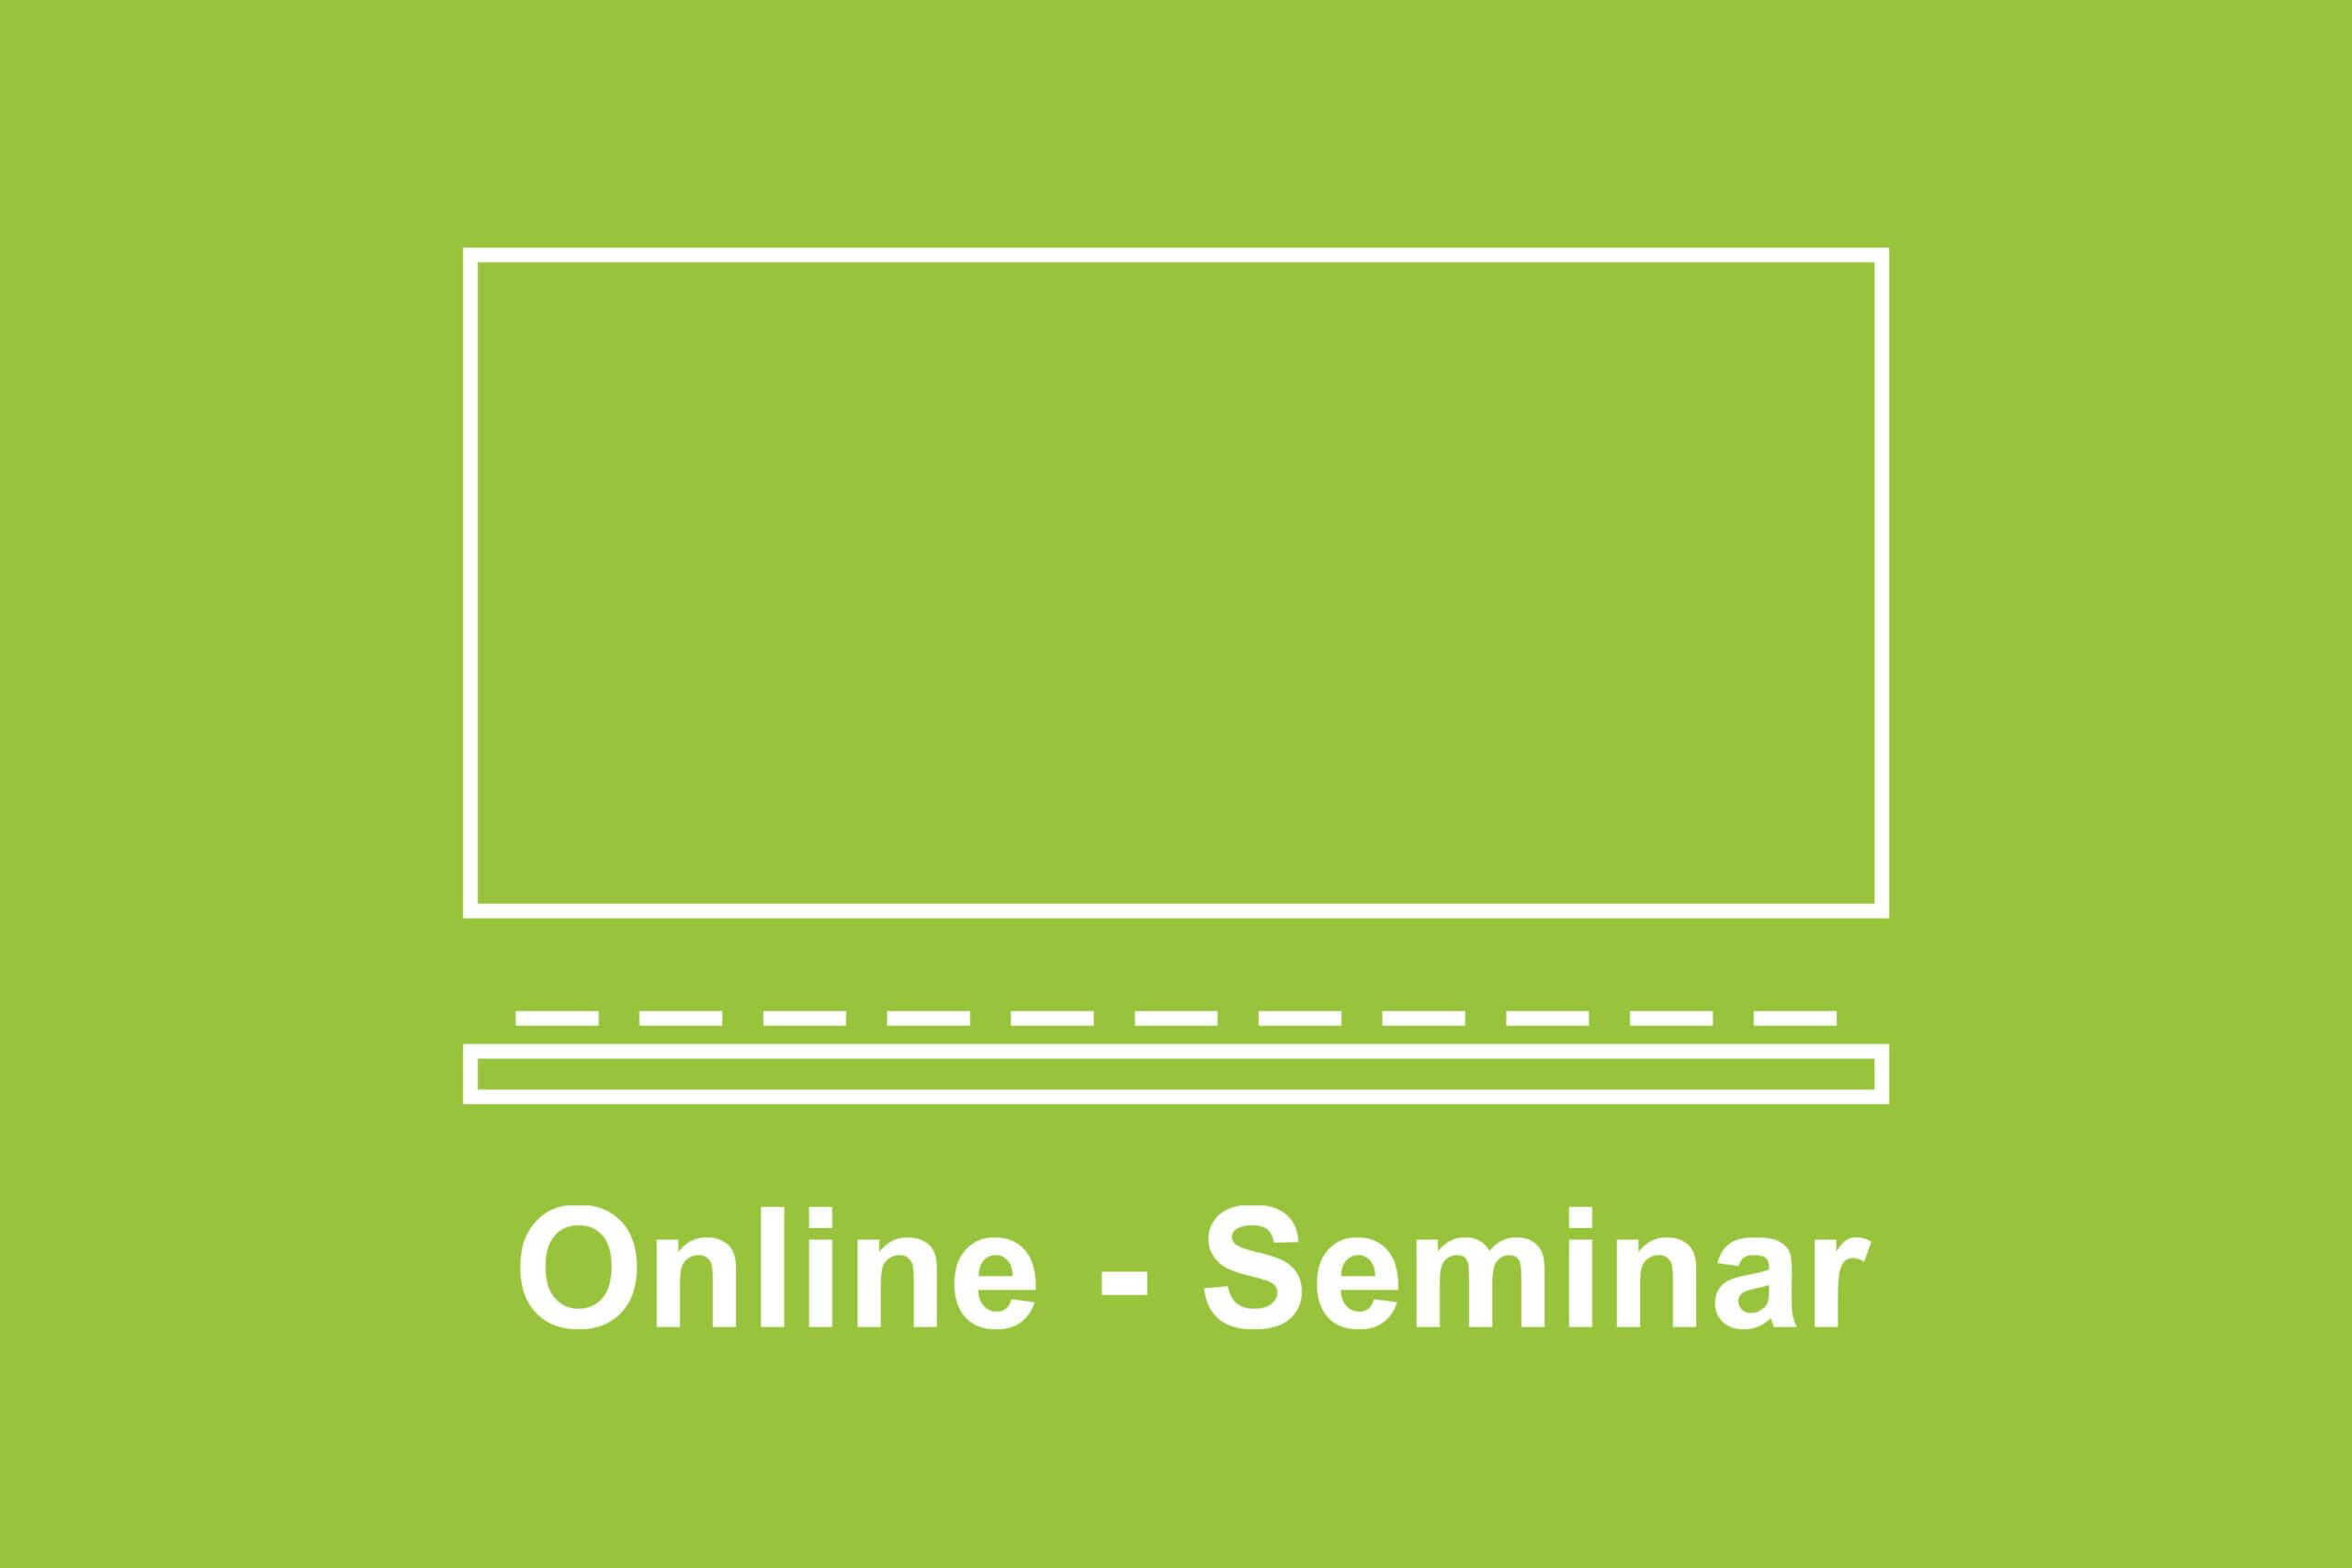 KIN-Kompakt-Online-Seminar: Kennzahlen zur Haltbarmachung ermitteln und berechnen